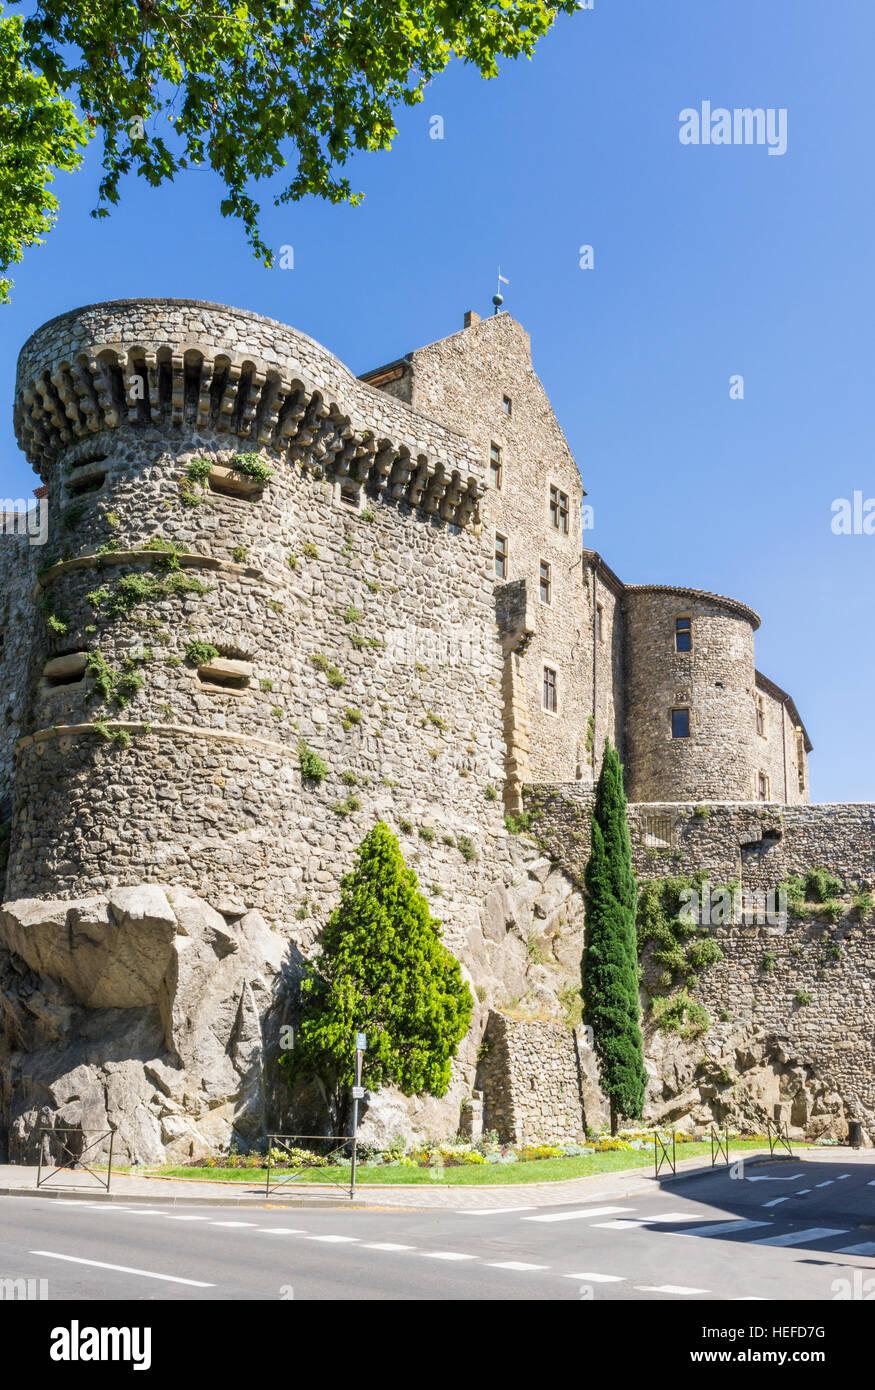 The Château de Tournon, Tournon-sur-Rhône, Ardèche, Auvergne-Rhône-Alpes, France - Stock Image